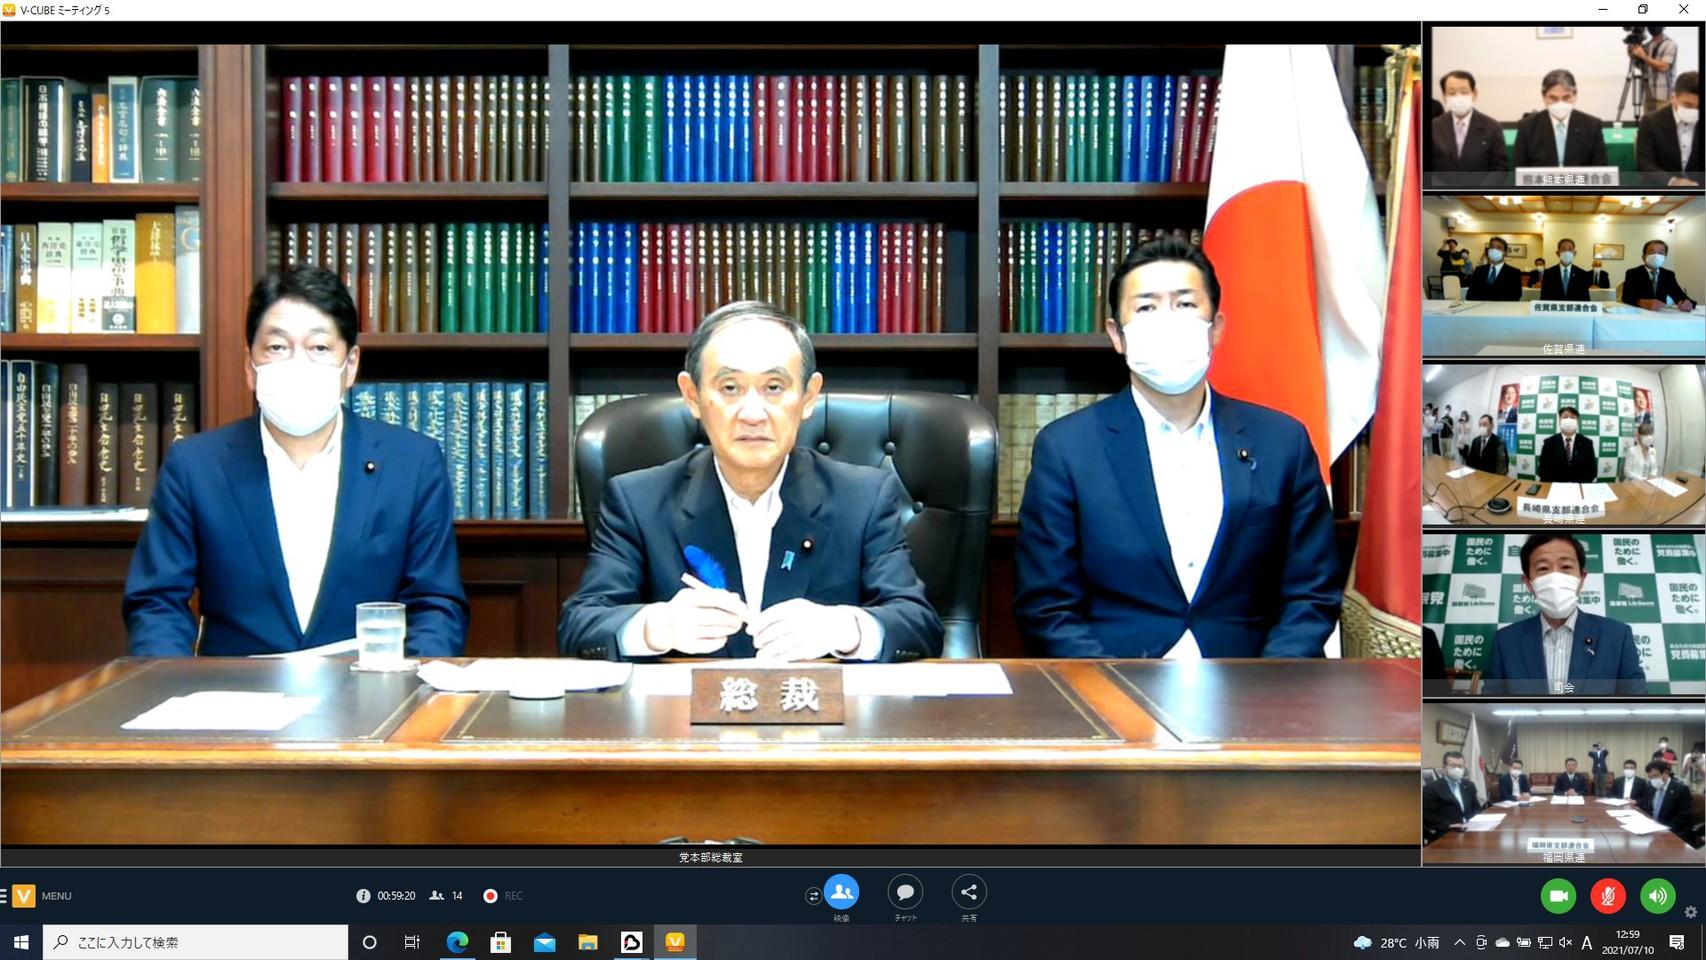 第9回 菅 義偉総裁と都道府県連とのリモート対話 九州ブロック